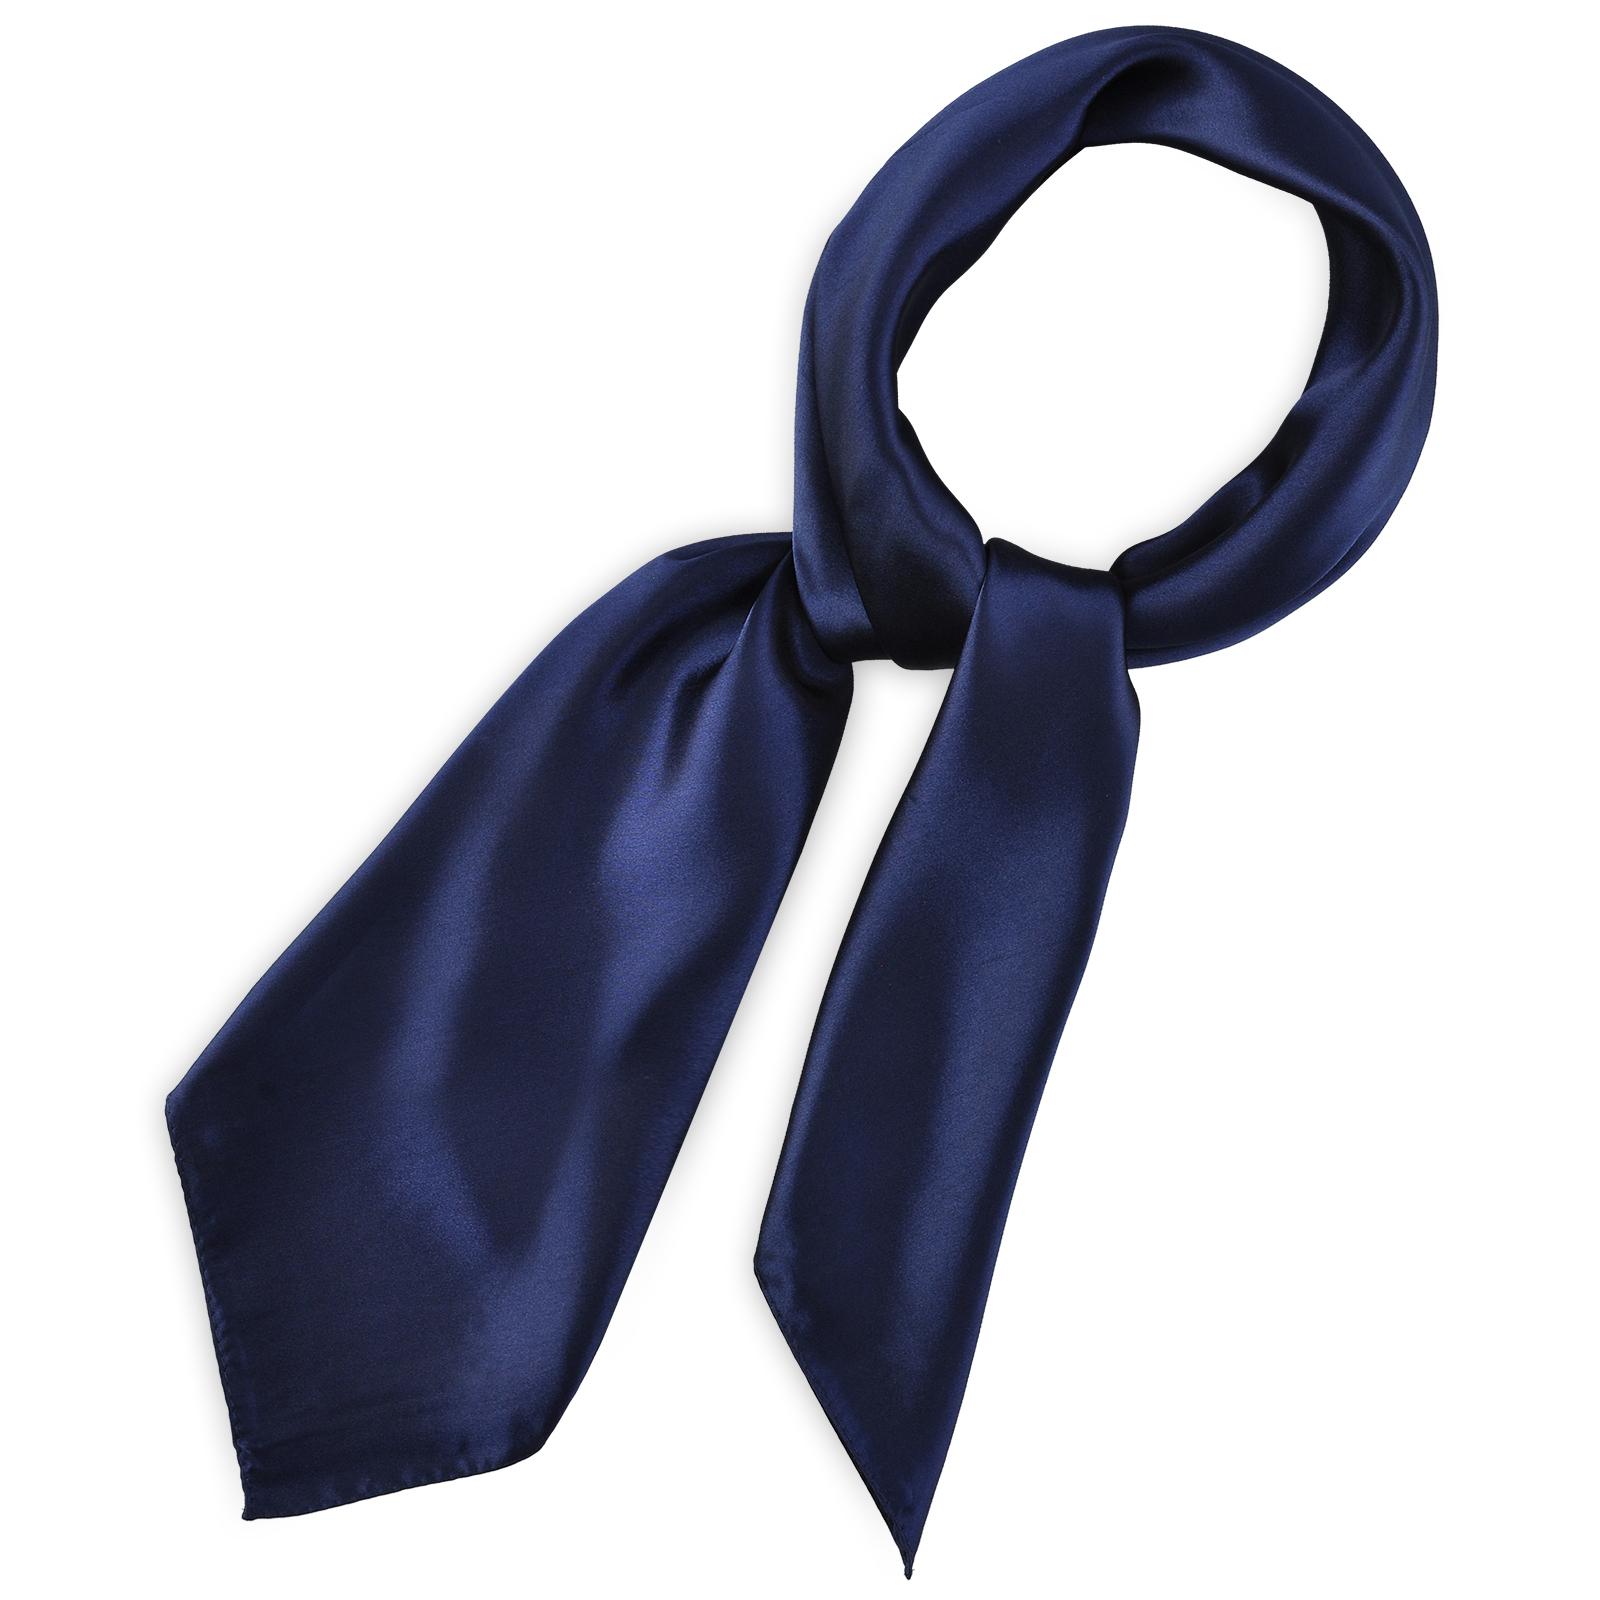 Royaume-Uni promotion spéciale style unique Foulard Carré Bleu Marine Gala